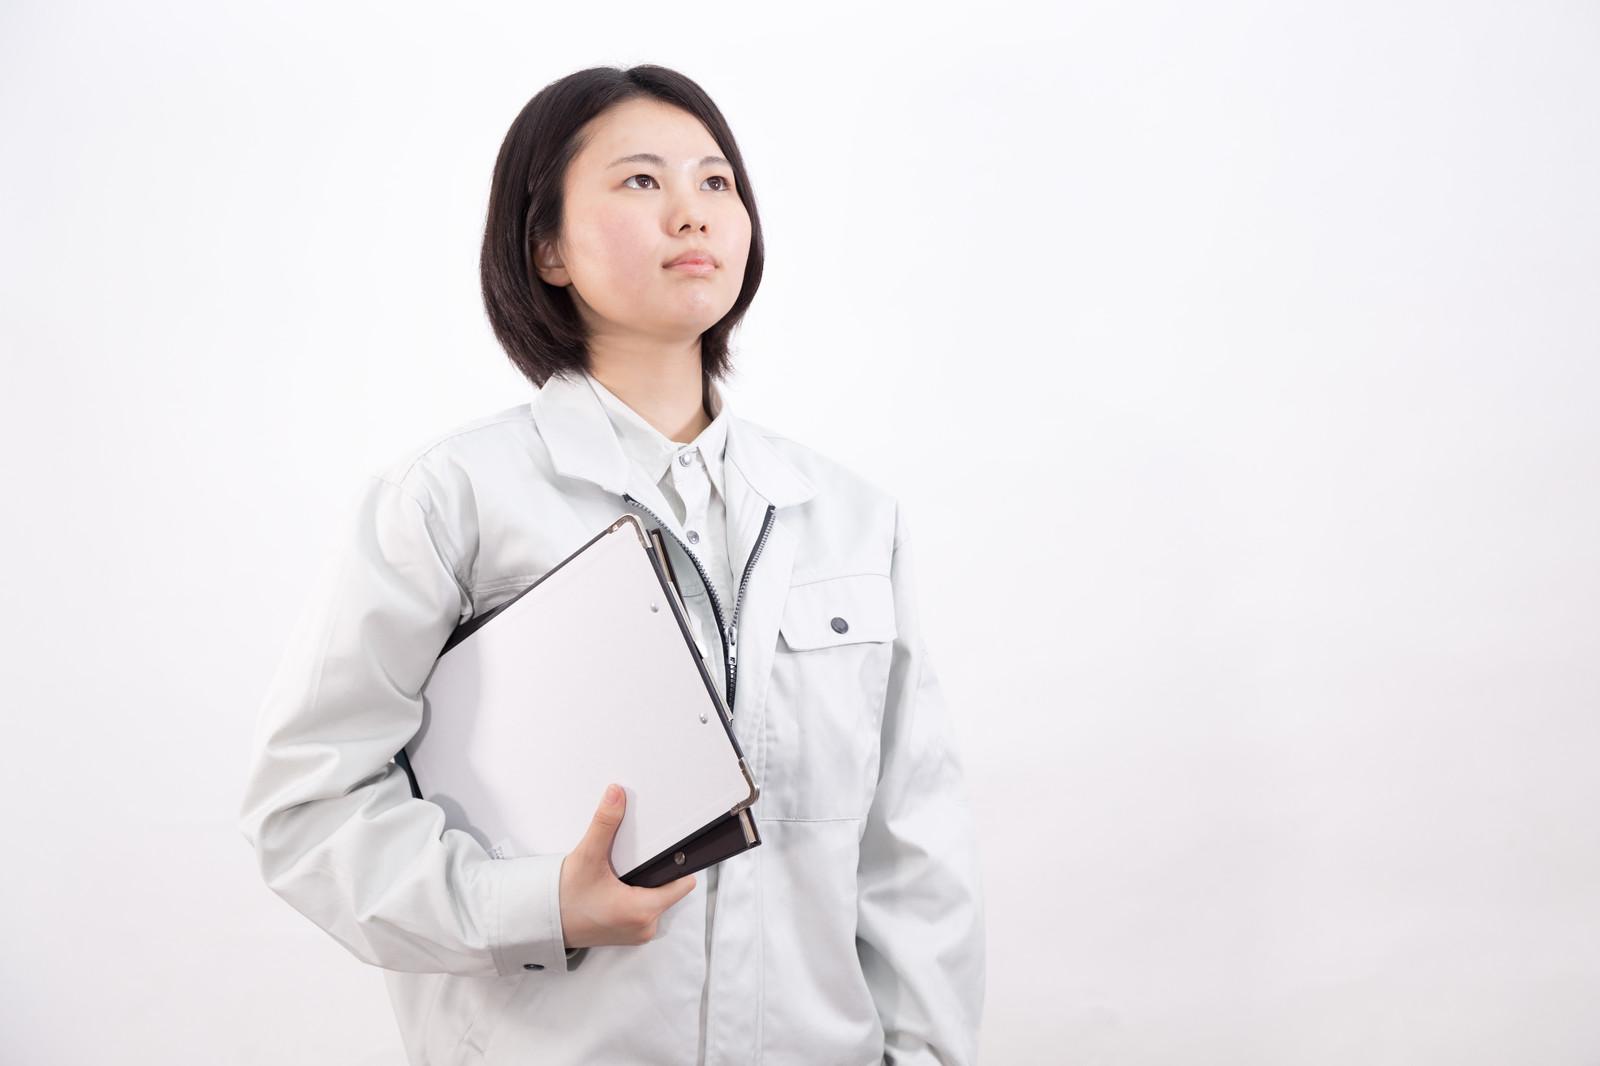 【静岡県御殿場市の求人】ゆったりと出来る日勤でのお仕事!!世界に知名度があるグループ企業で、軽作業で簡単な梱包・検査のお仕事です。